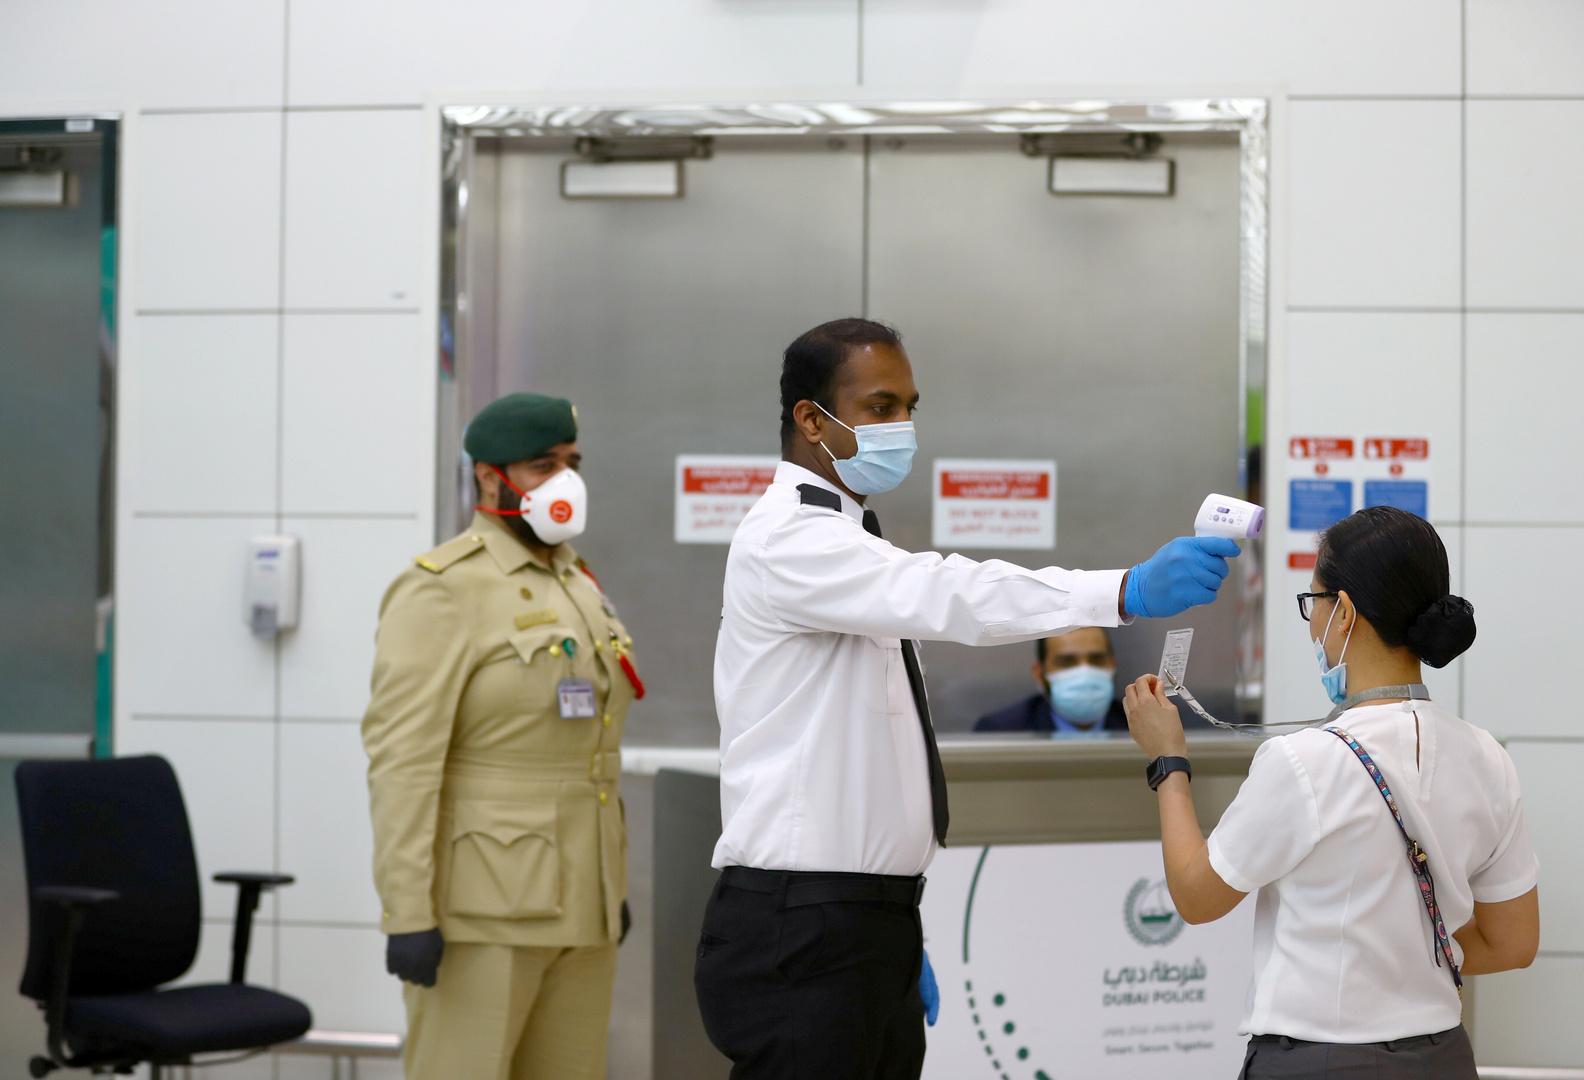 الإمارات تشكل لجنة وطنية لإدارة مرحلة التعافي من جائحة كورونا